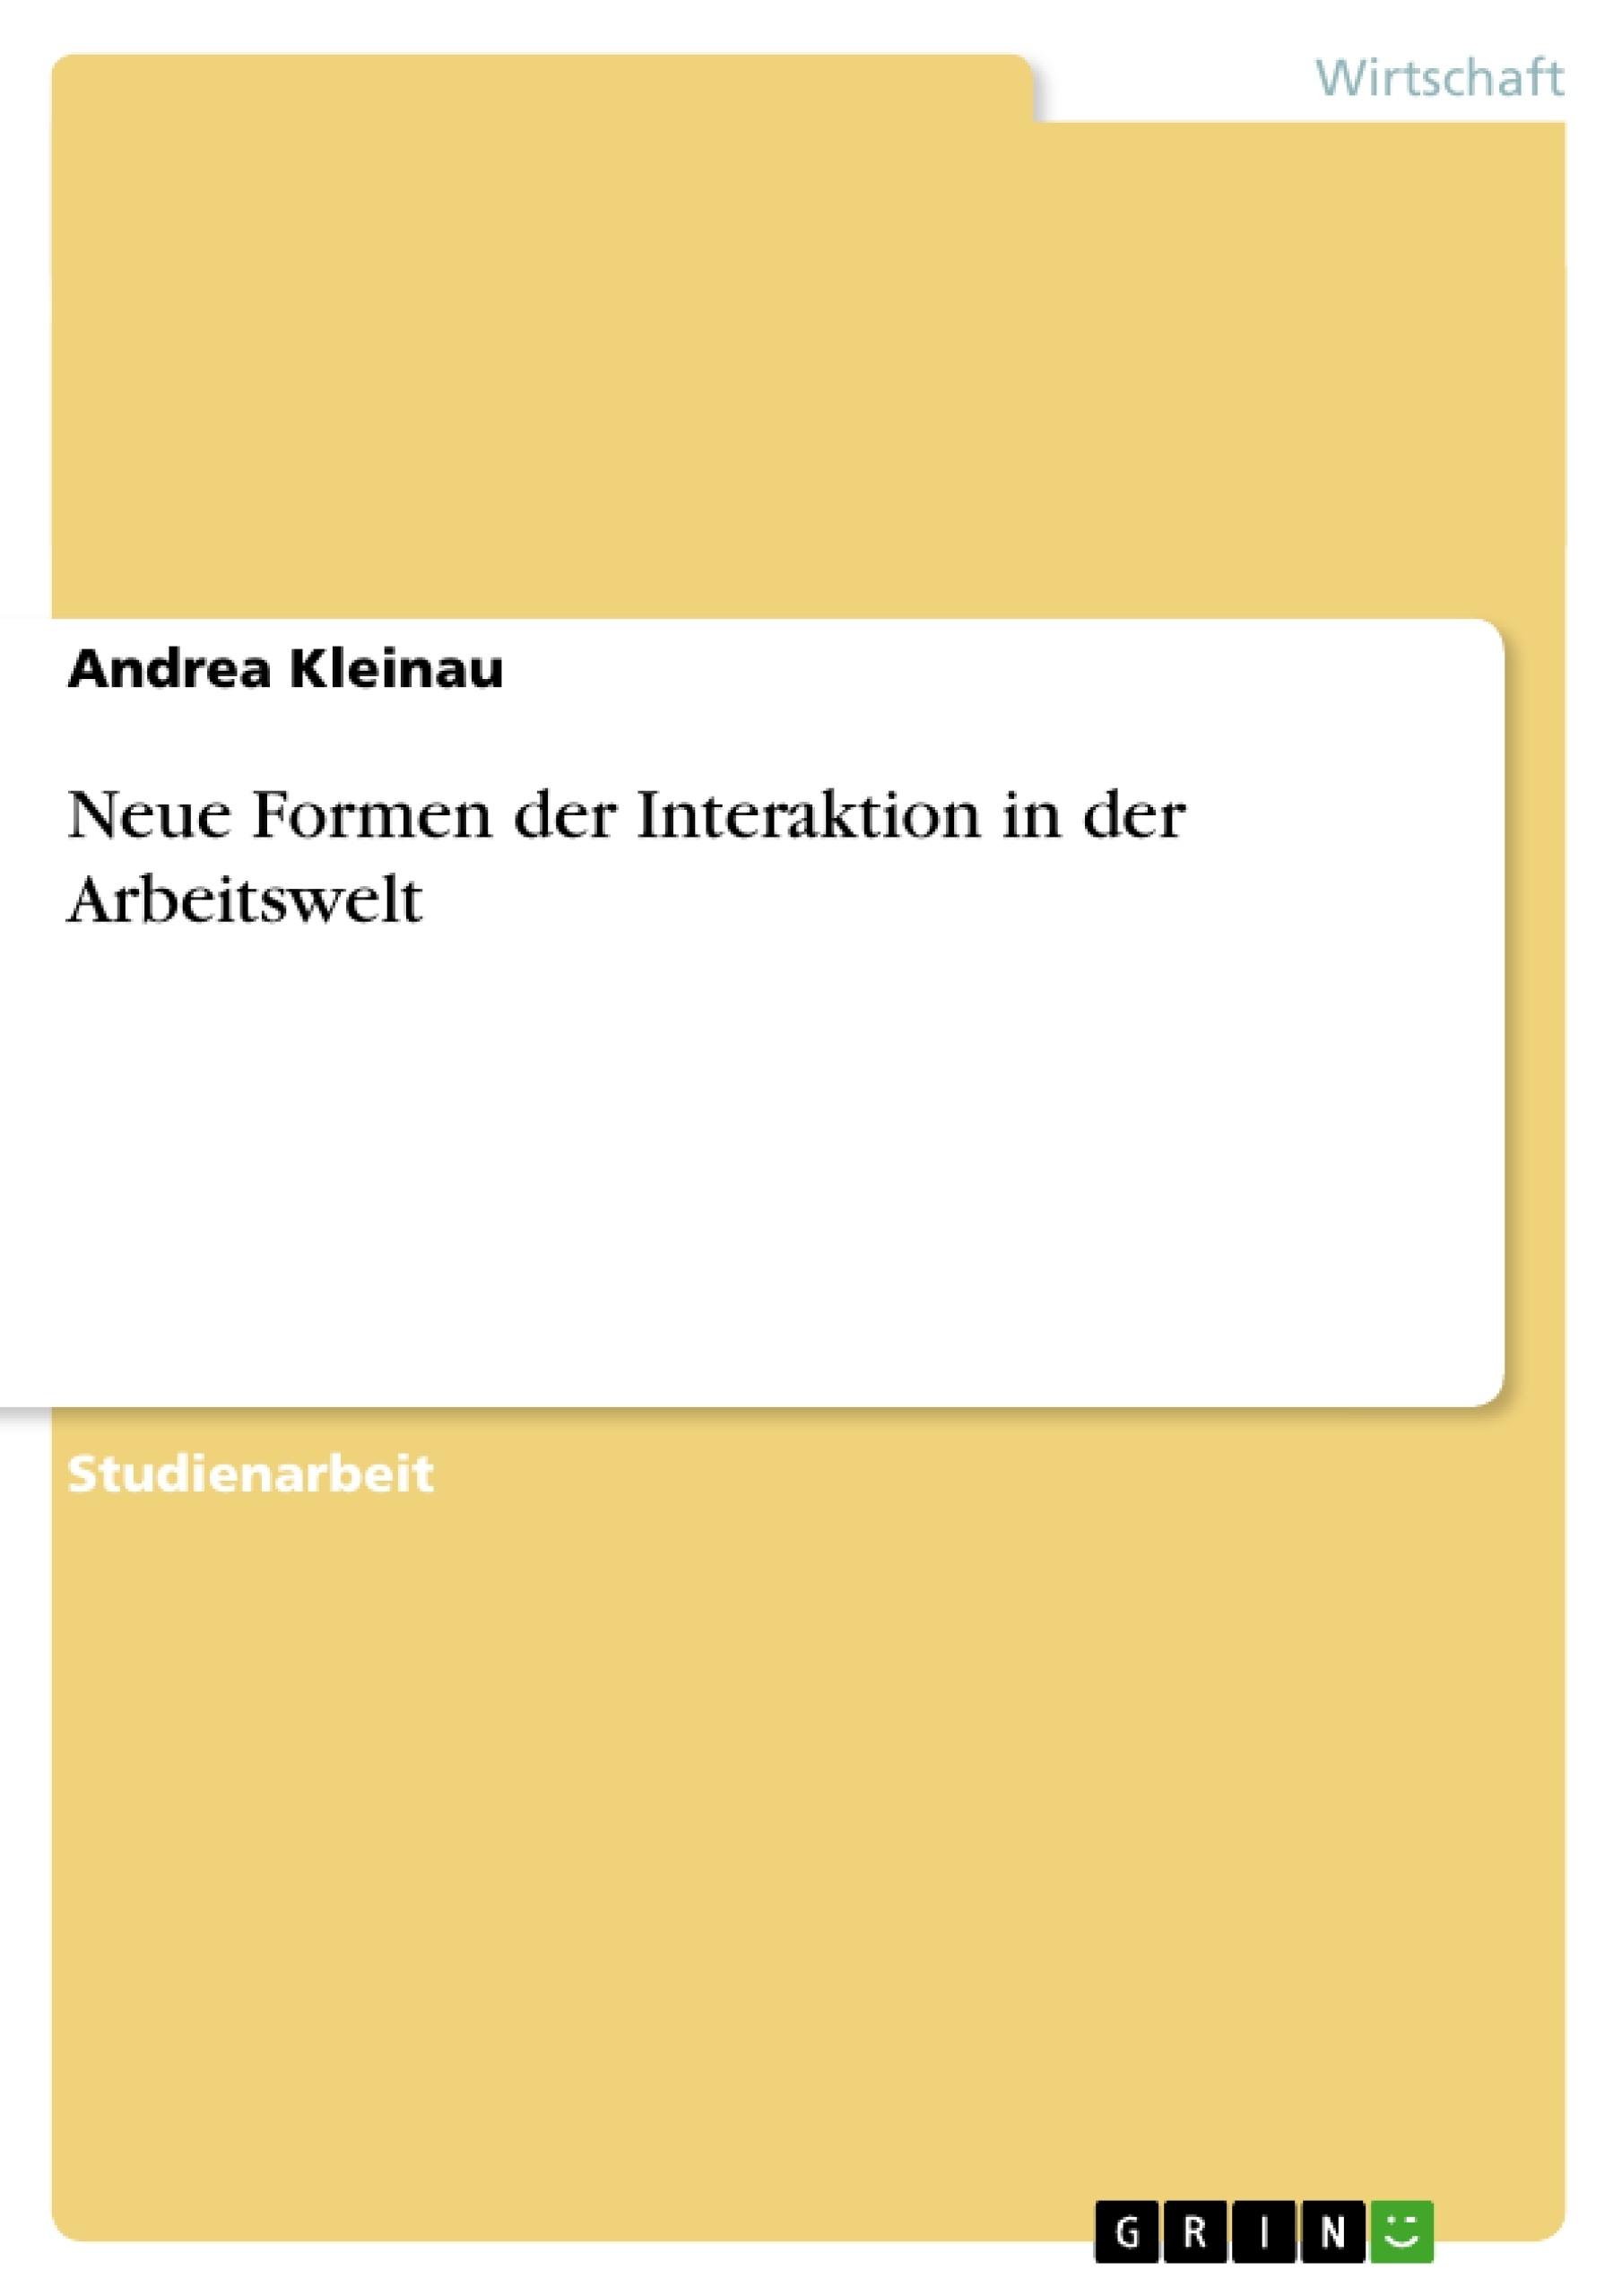 Titel: Neue Formen der Interaktion in der Arbeitswelt